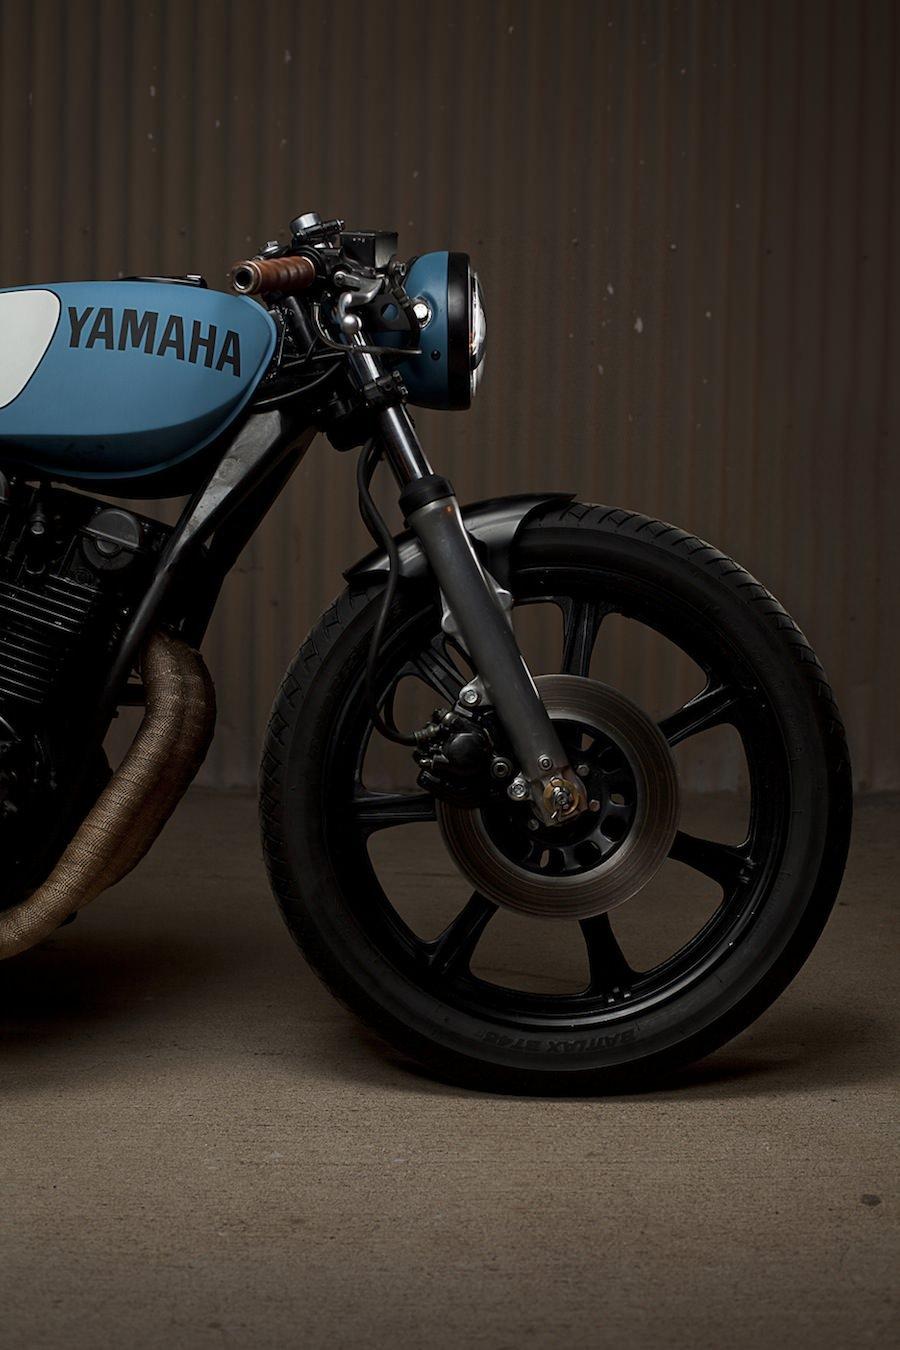 Yamaha XS750 Cafe Racer 8 Yamaha XS750 Cafe Racer by Ugly Motorbikes